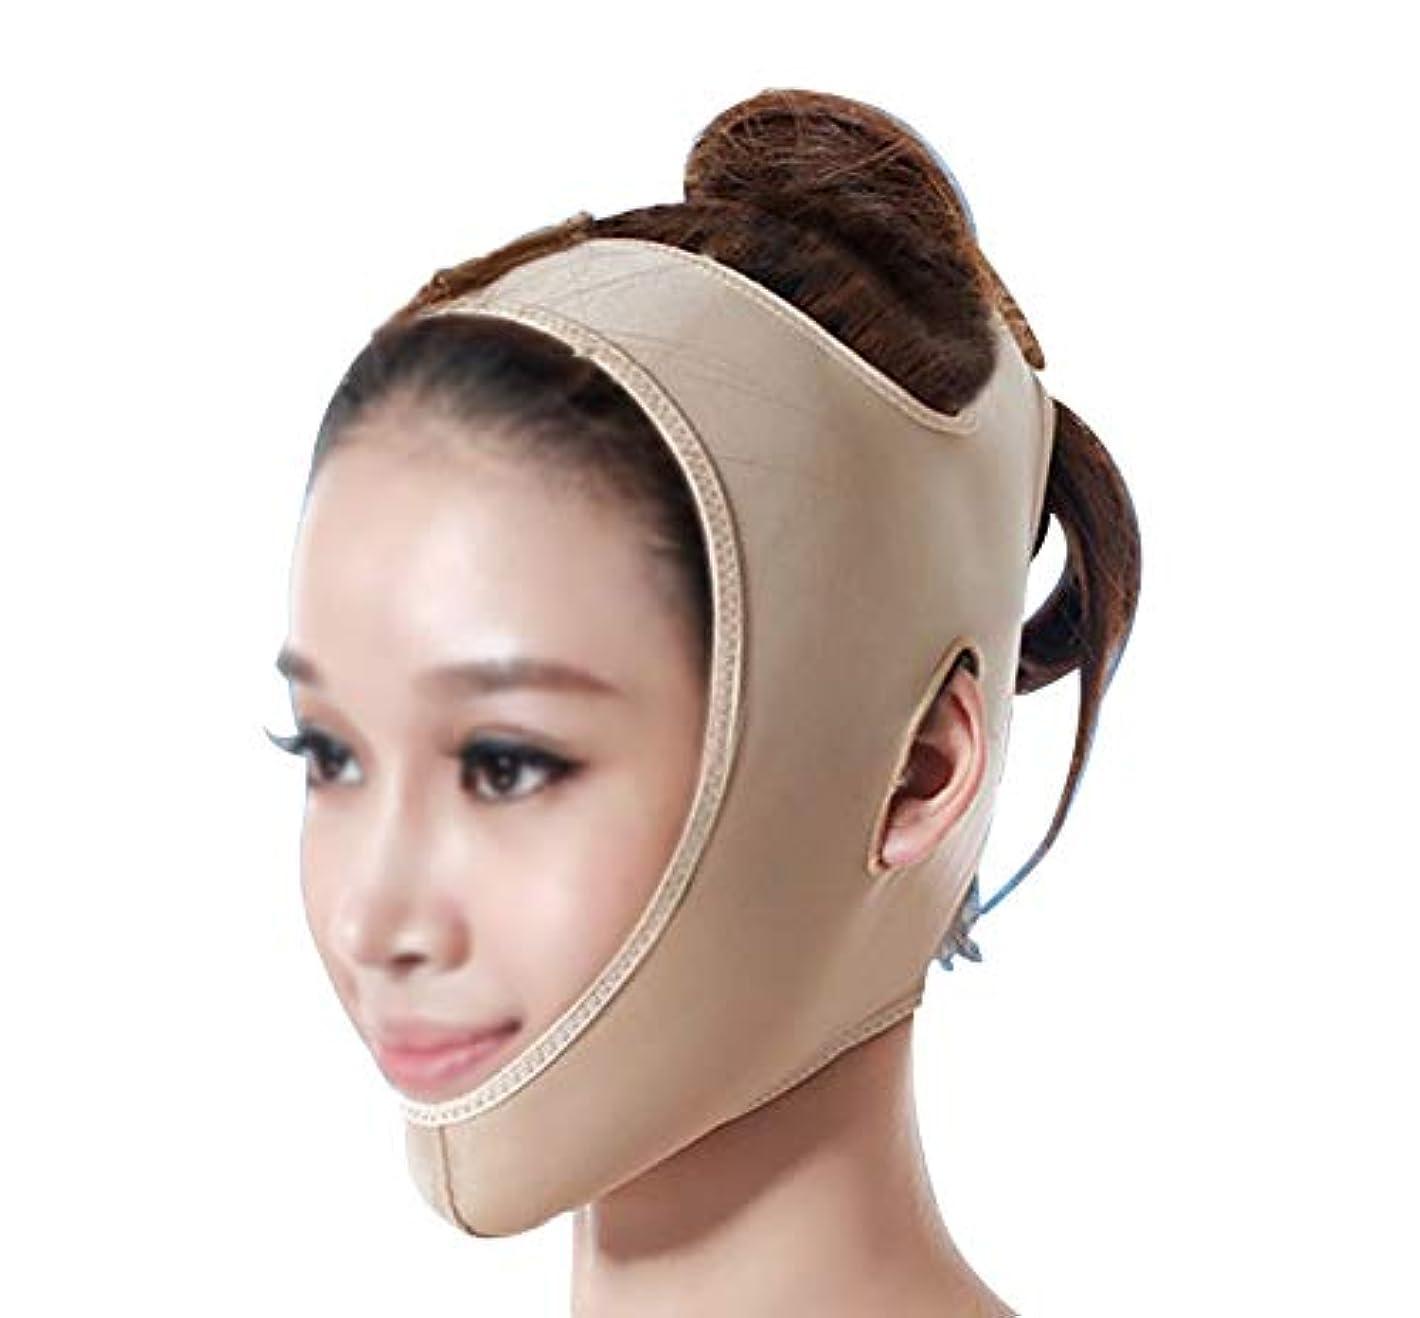 水素不完全な幾何学GLJJQMY 引き締めマスクマスク美容薬マスク美容V顔包帯ライン彫刻引き締めしっかりダブルチンマスク 顔用整形マスク (Size : M)